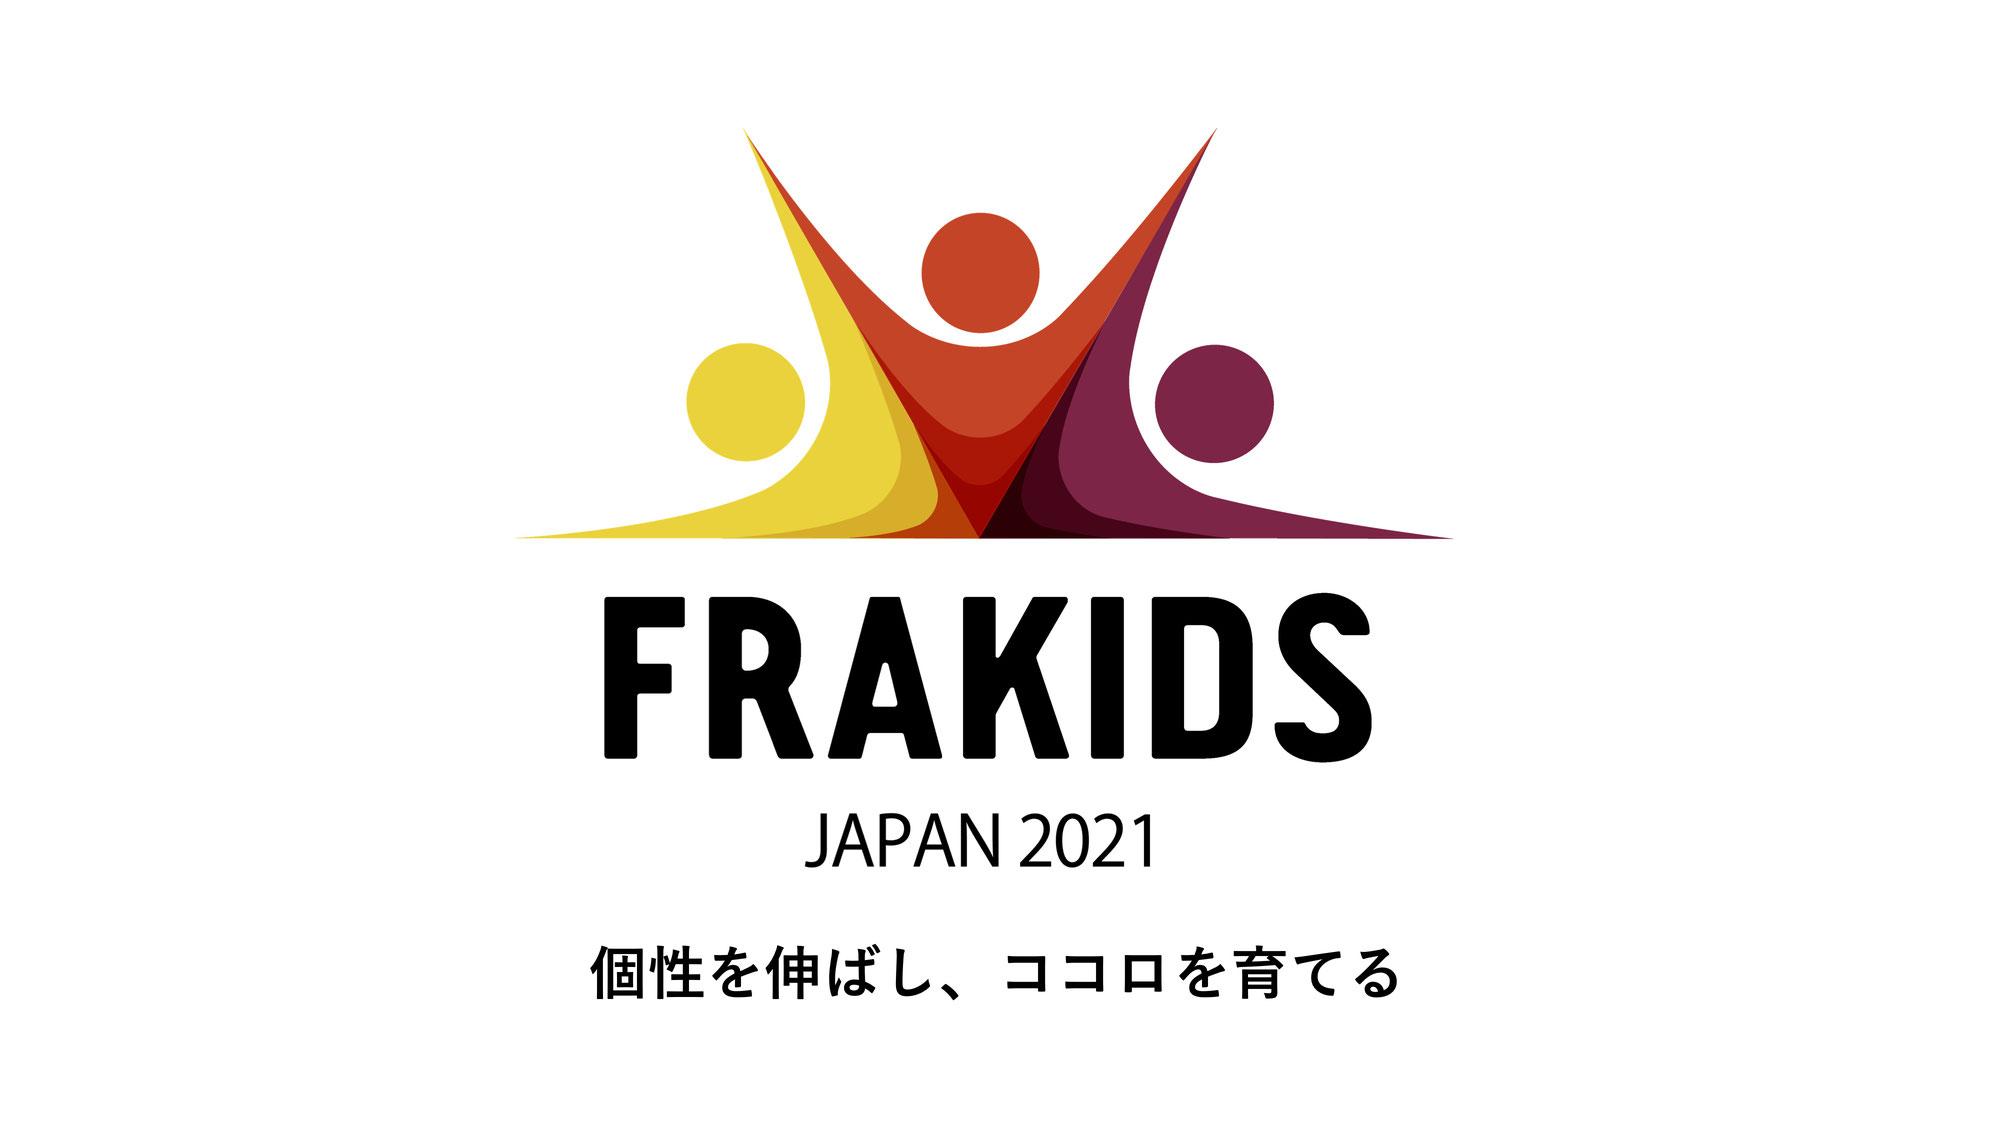 【法人設立のお知らせ】一般社団法人 Frakids Japan